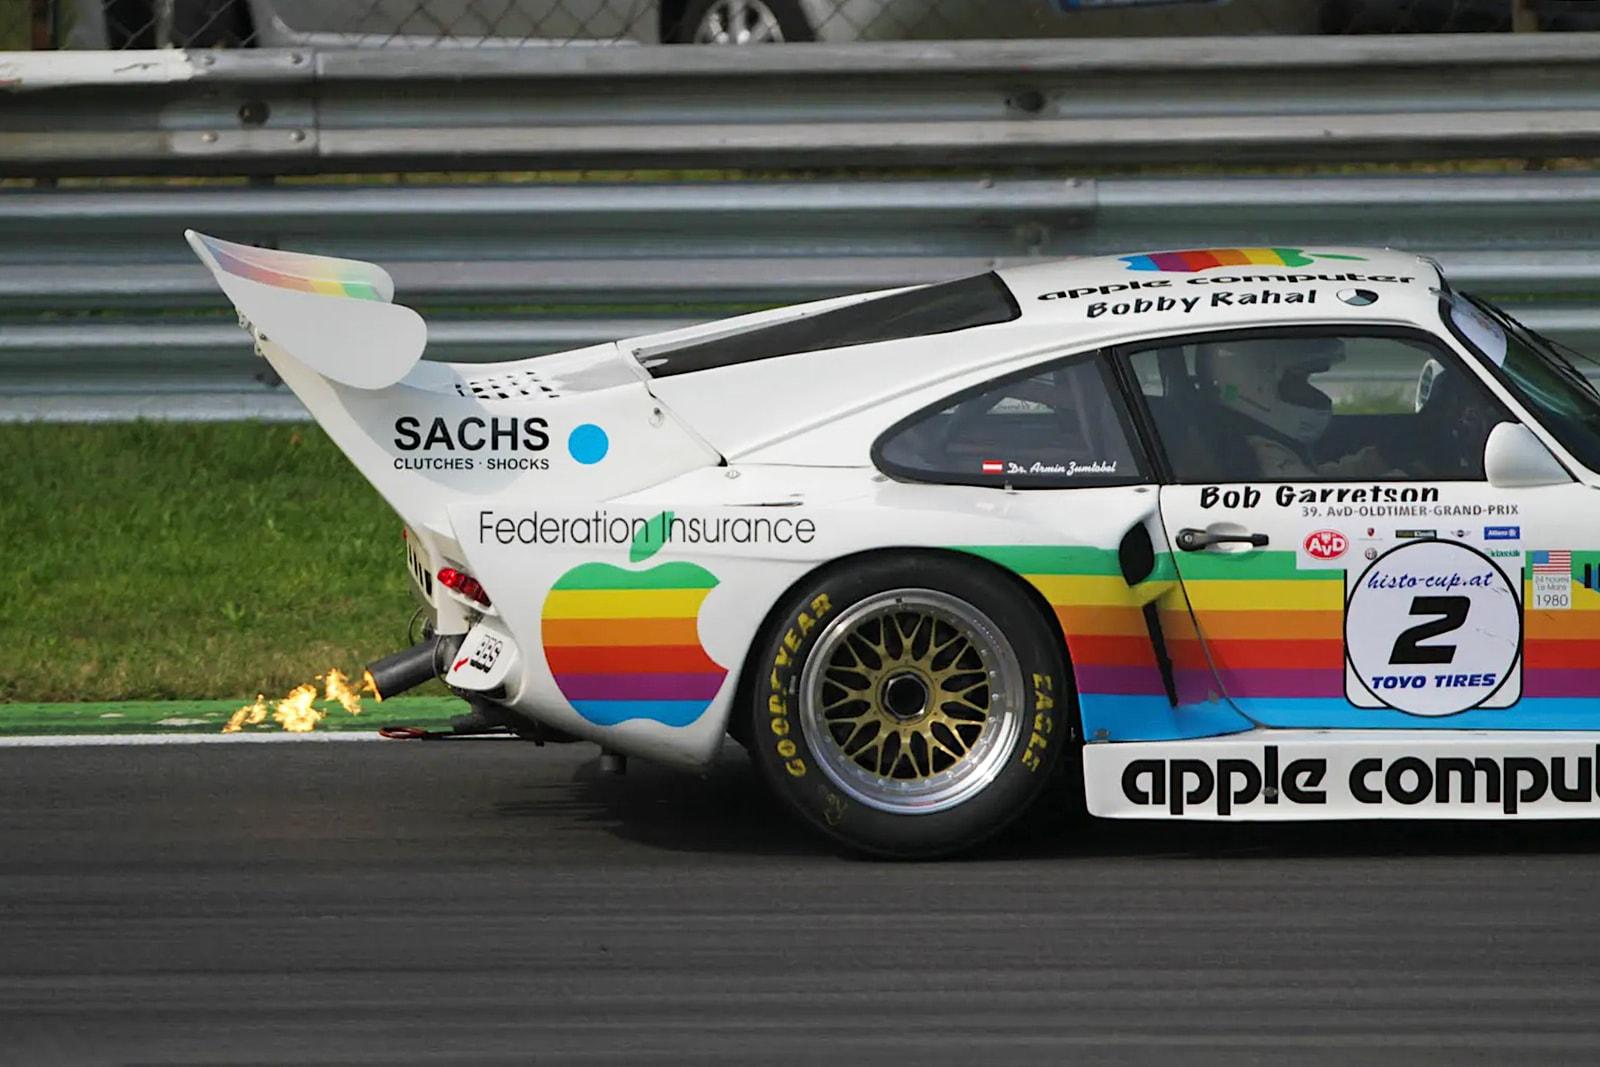 初代「Apple Car」歸來,簡要回顧 Steve Jobs 與 Porsche 的不解之緣